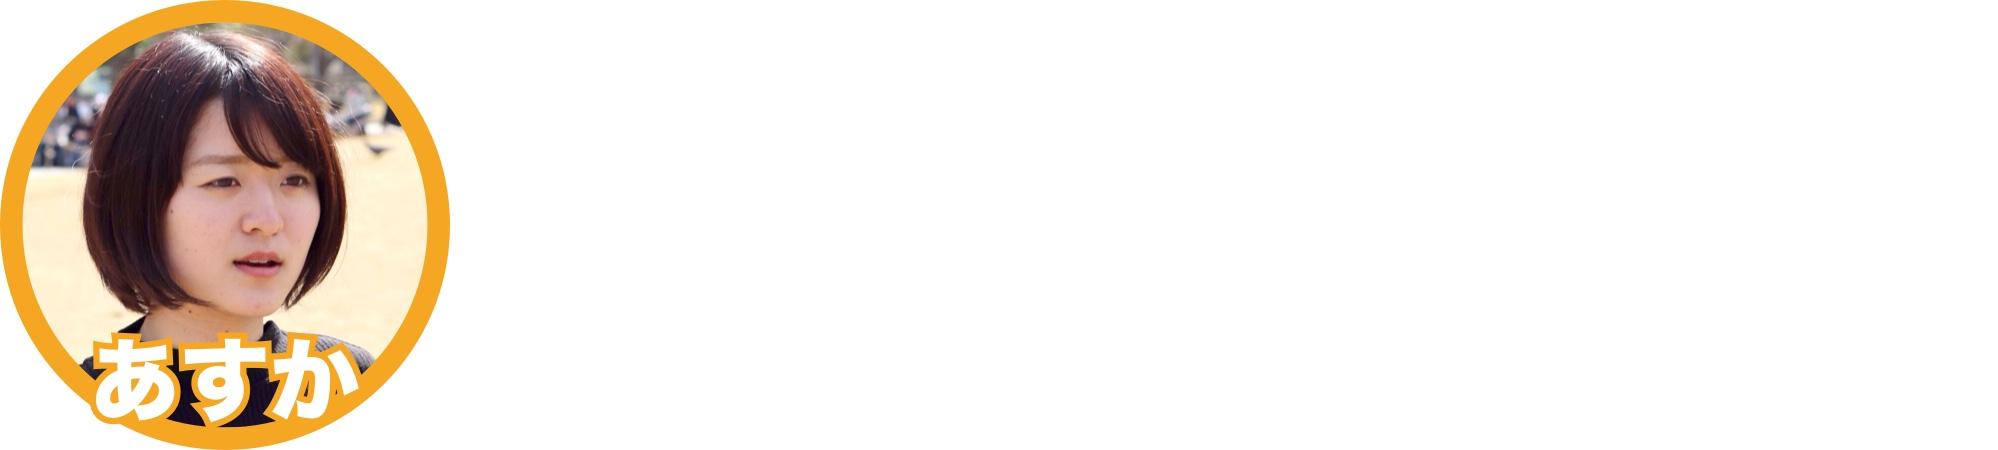 思い出をつなぐ。東山動植物園・80周年記念イベントの見どころを徹底解剖! - asuka 1 1